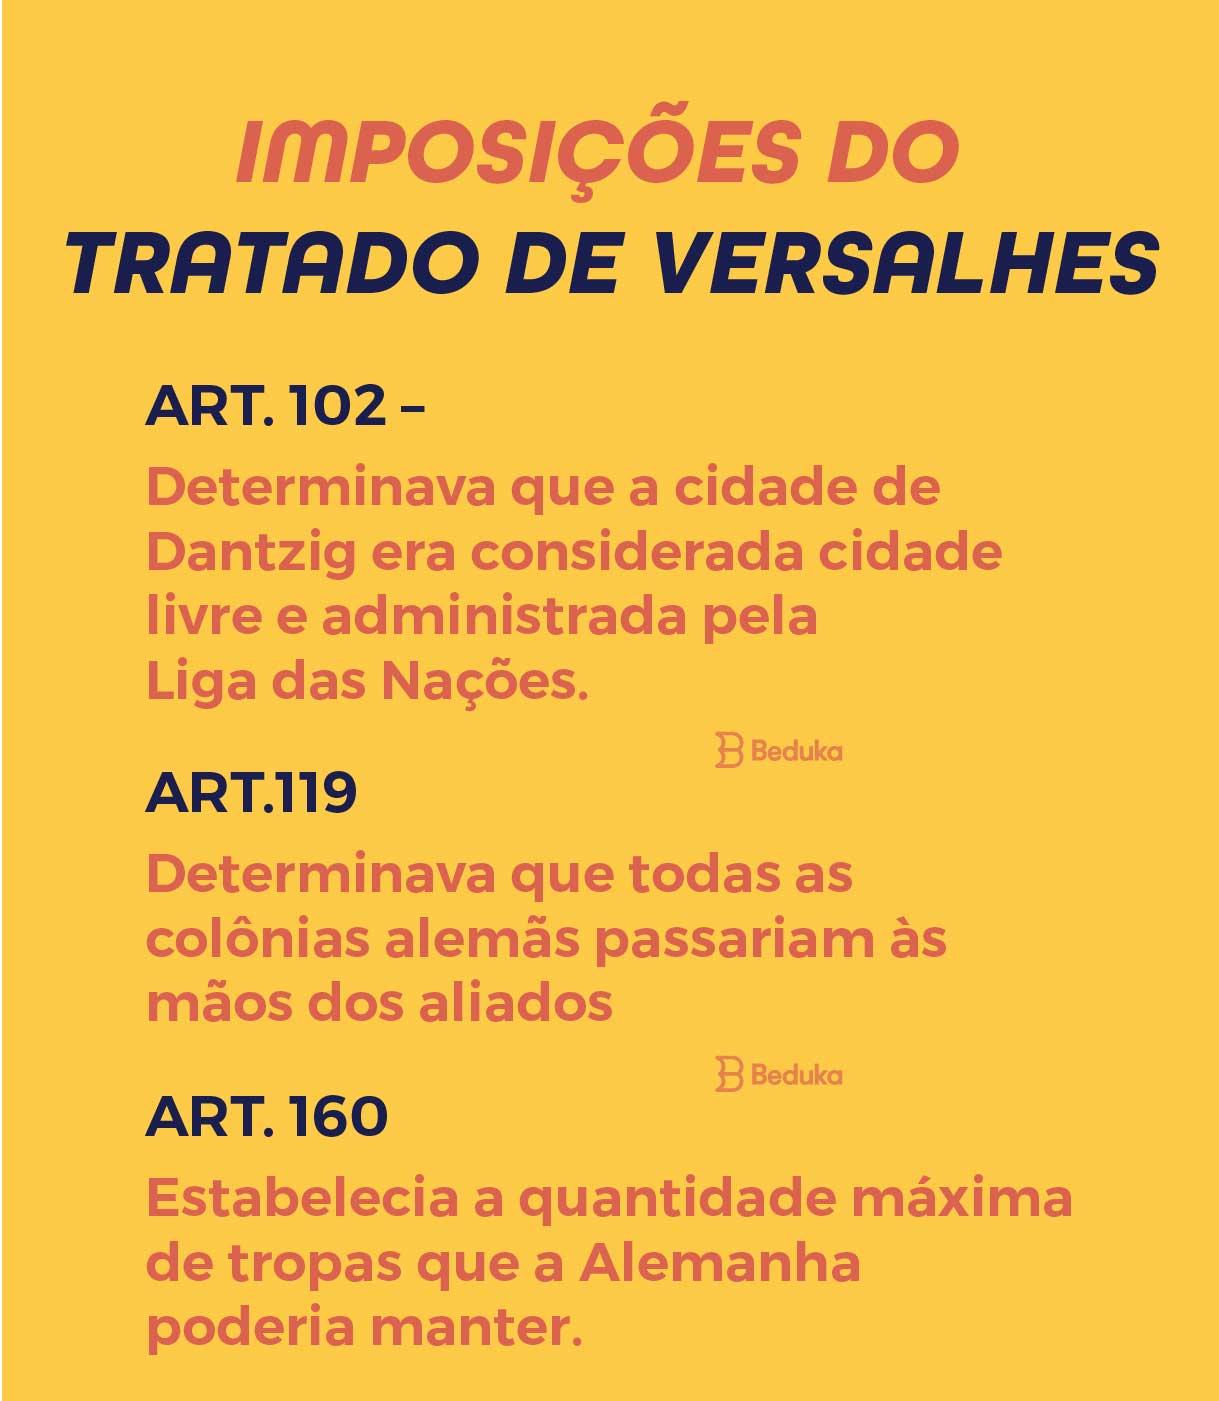 Artigos 102, 119 e 160 das imposições do Tratado de Versalles